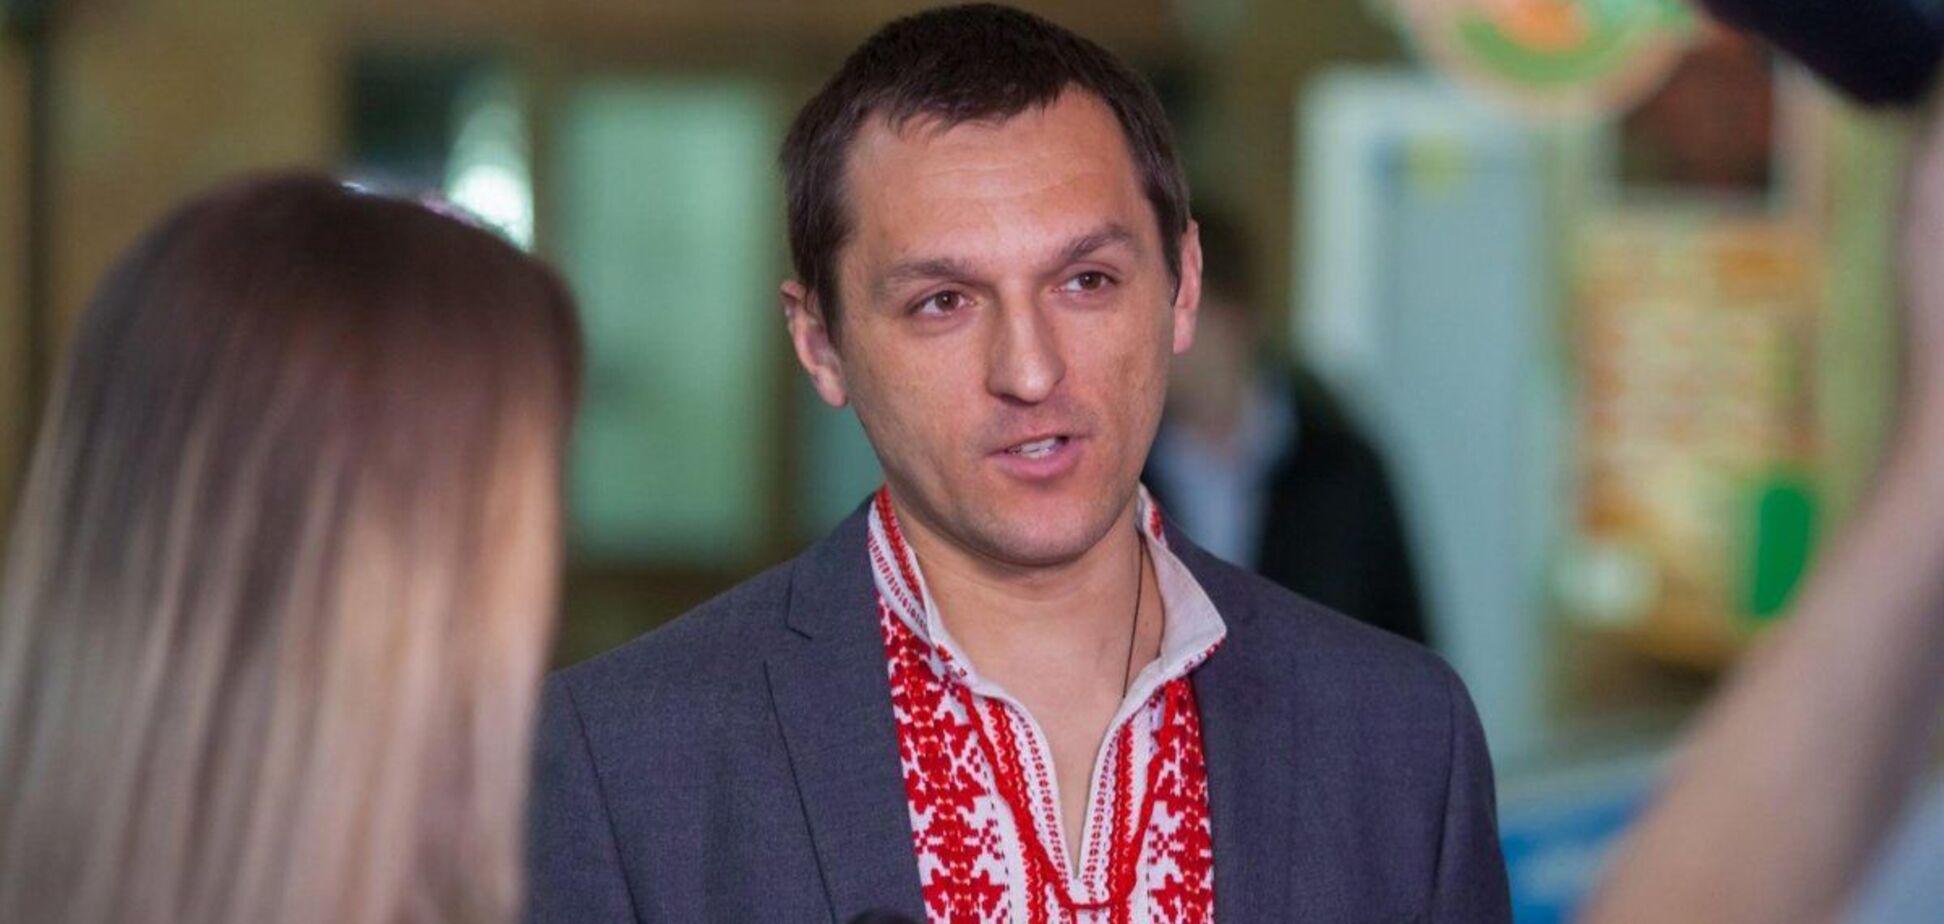 Проти заступника керівника САП Максима Грищука ініційовано кримінальне провадження